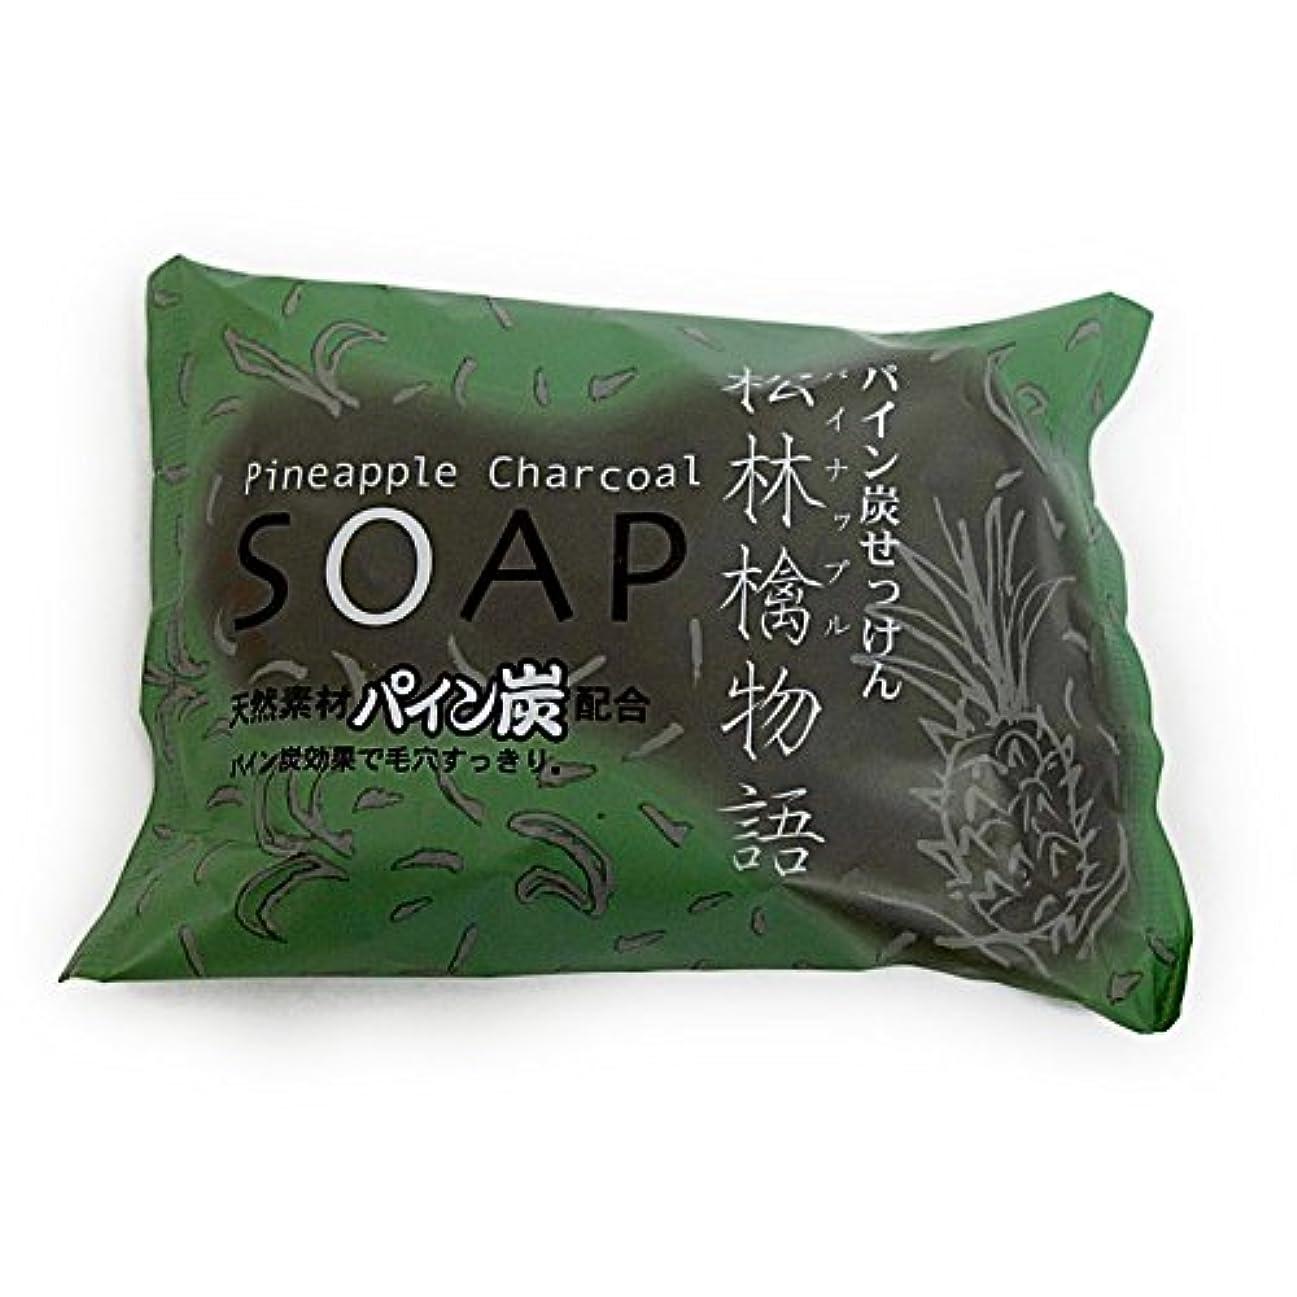 パイン炭せっけん 松林檎物語 80g